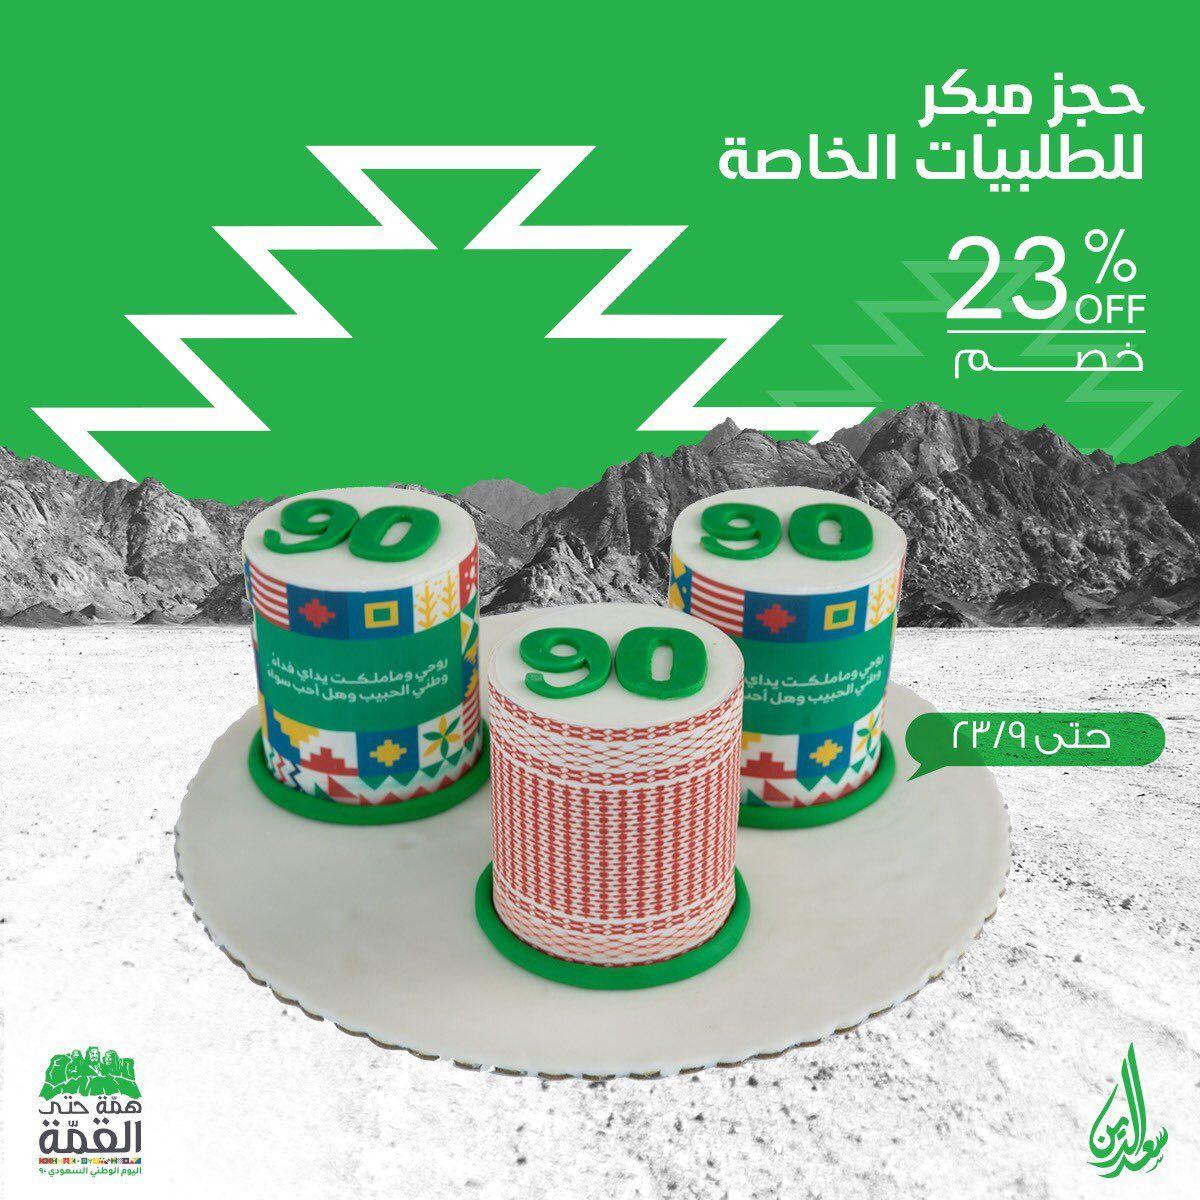 عروض اليوم الوطني 90 عروض حلويات سعد الدين خصم 23 علي ثلاث انواع كيكات عروض اليوم National Day Day National